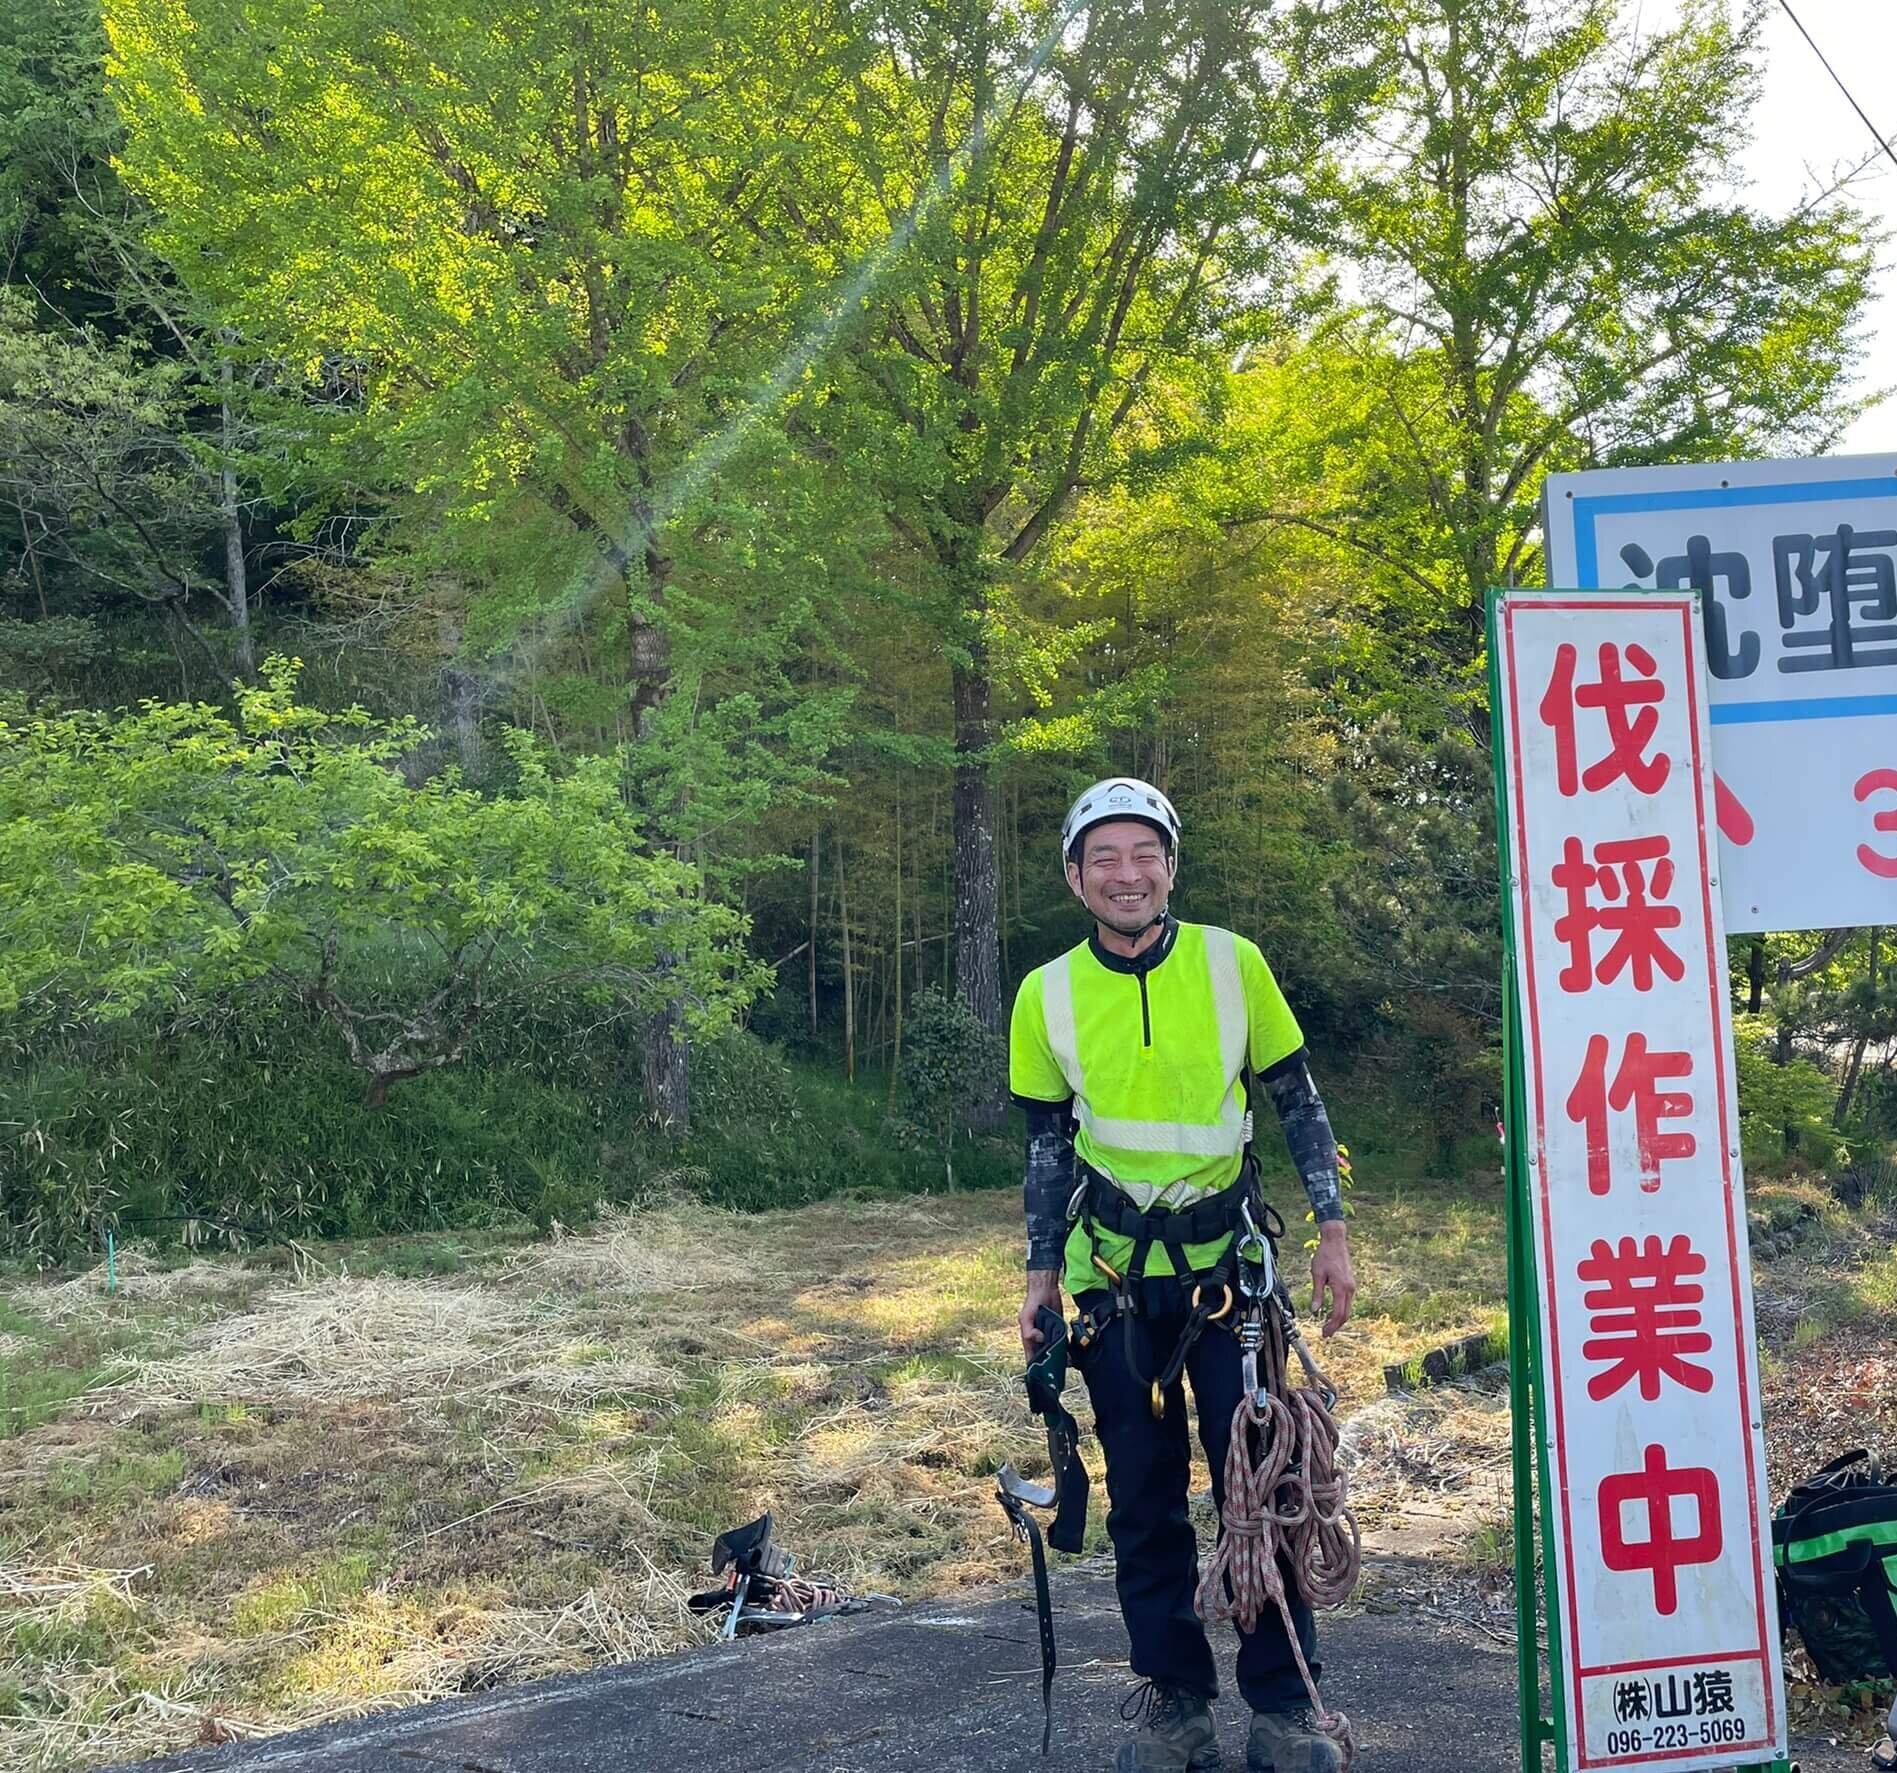 杉山・代表山本teamはイチョウ、クヌギの伐採を担当。作業前の杉山さんの笑顔がまぶしかったです(*_*;